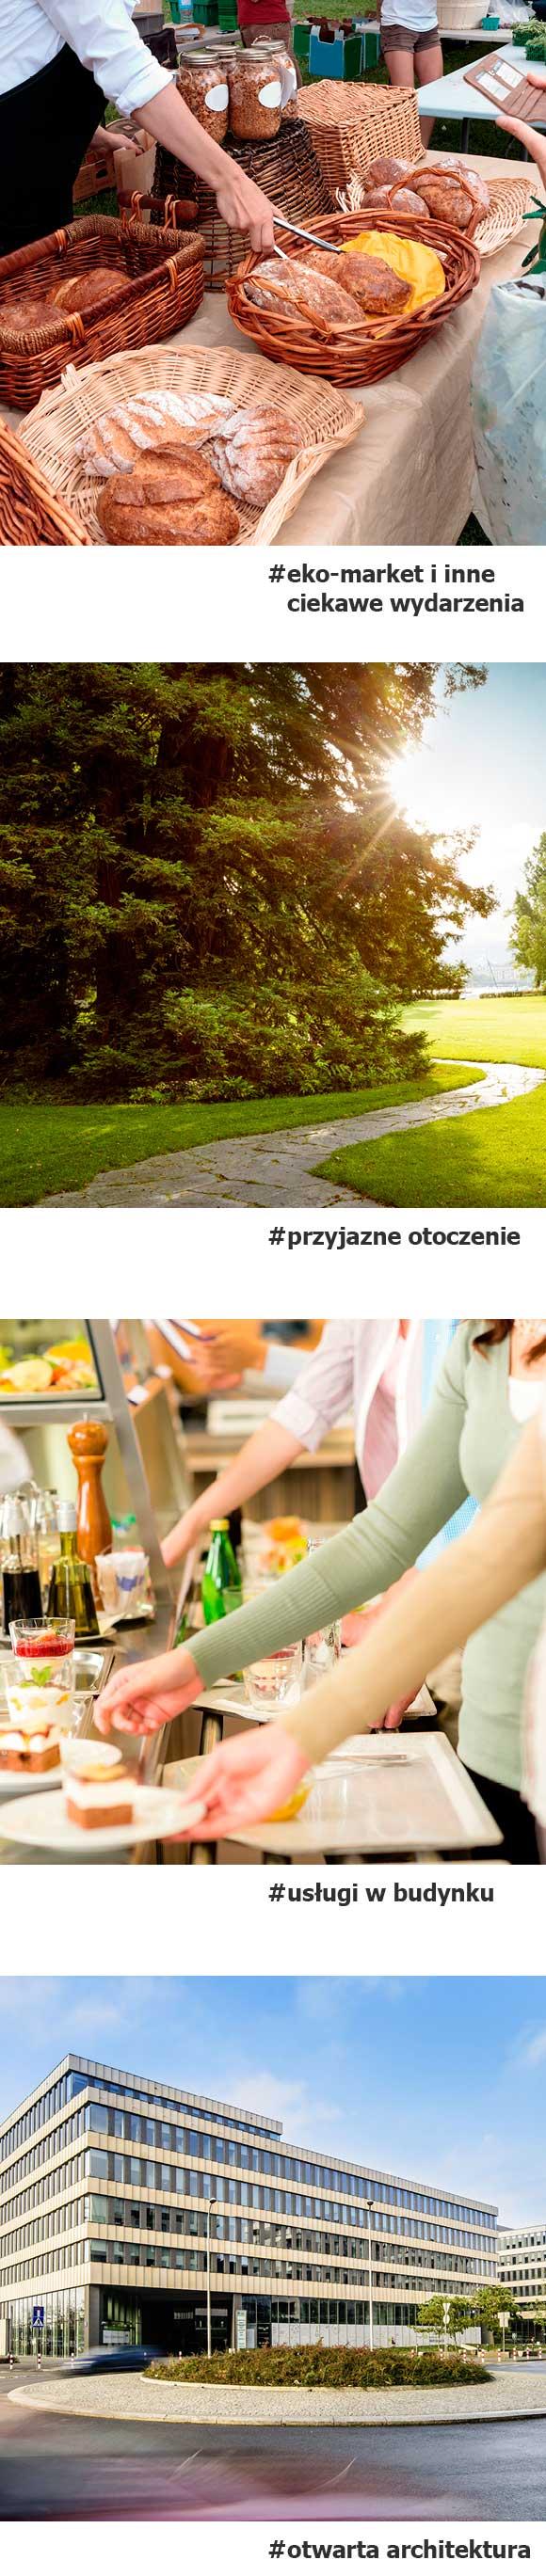 Park Rozwoju - Przyjazne miejsce - Grafika